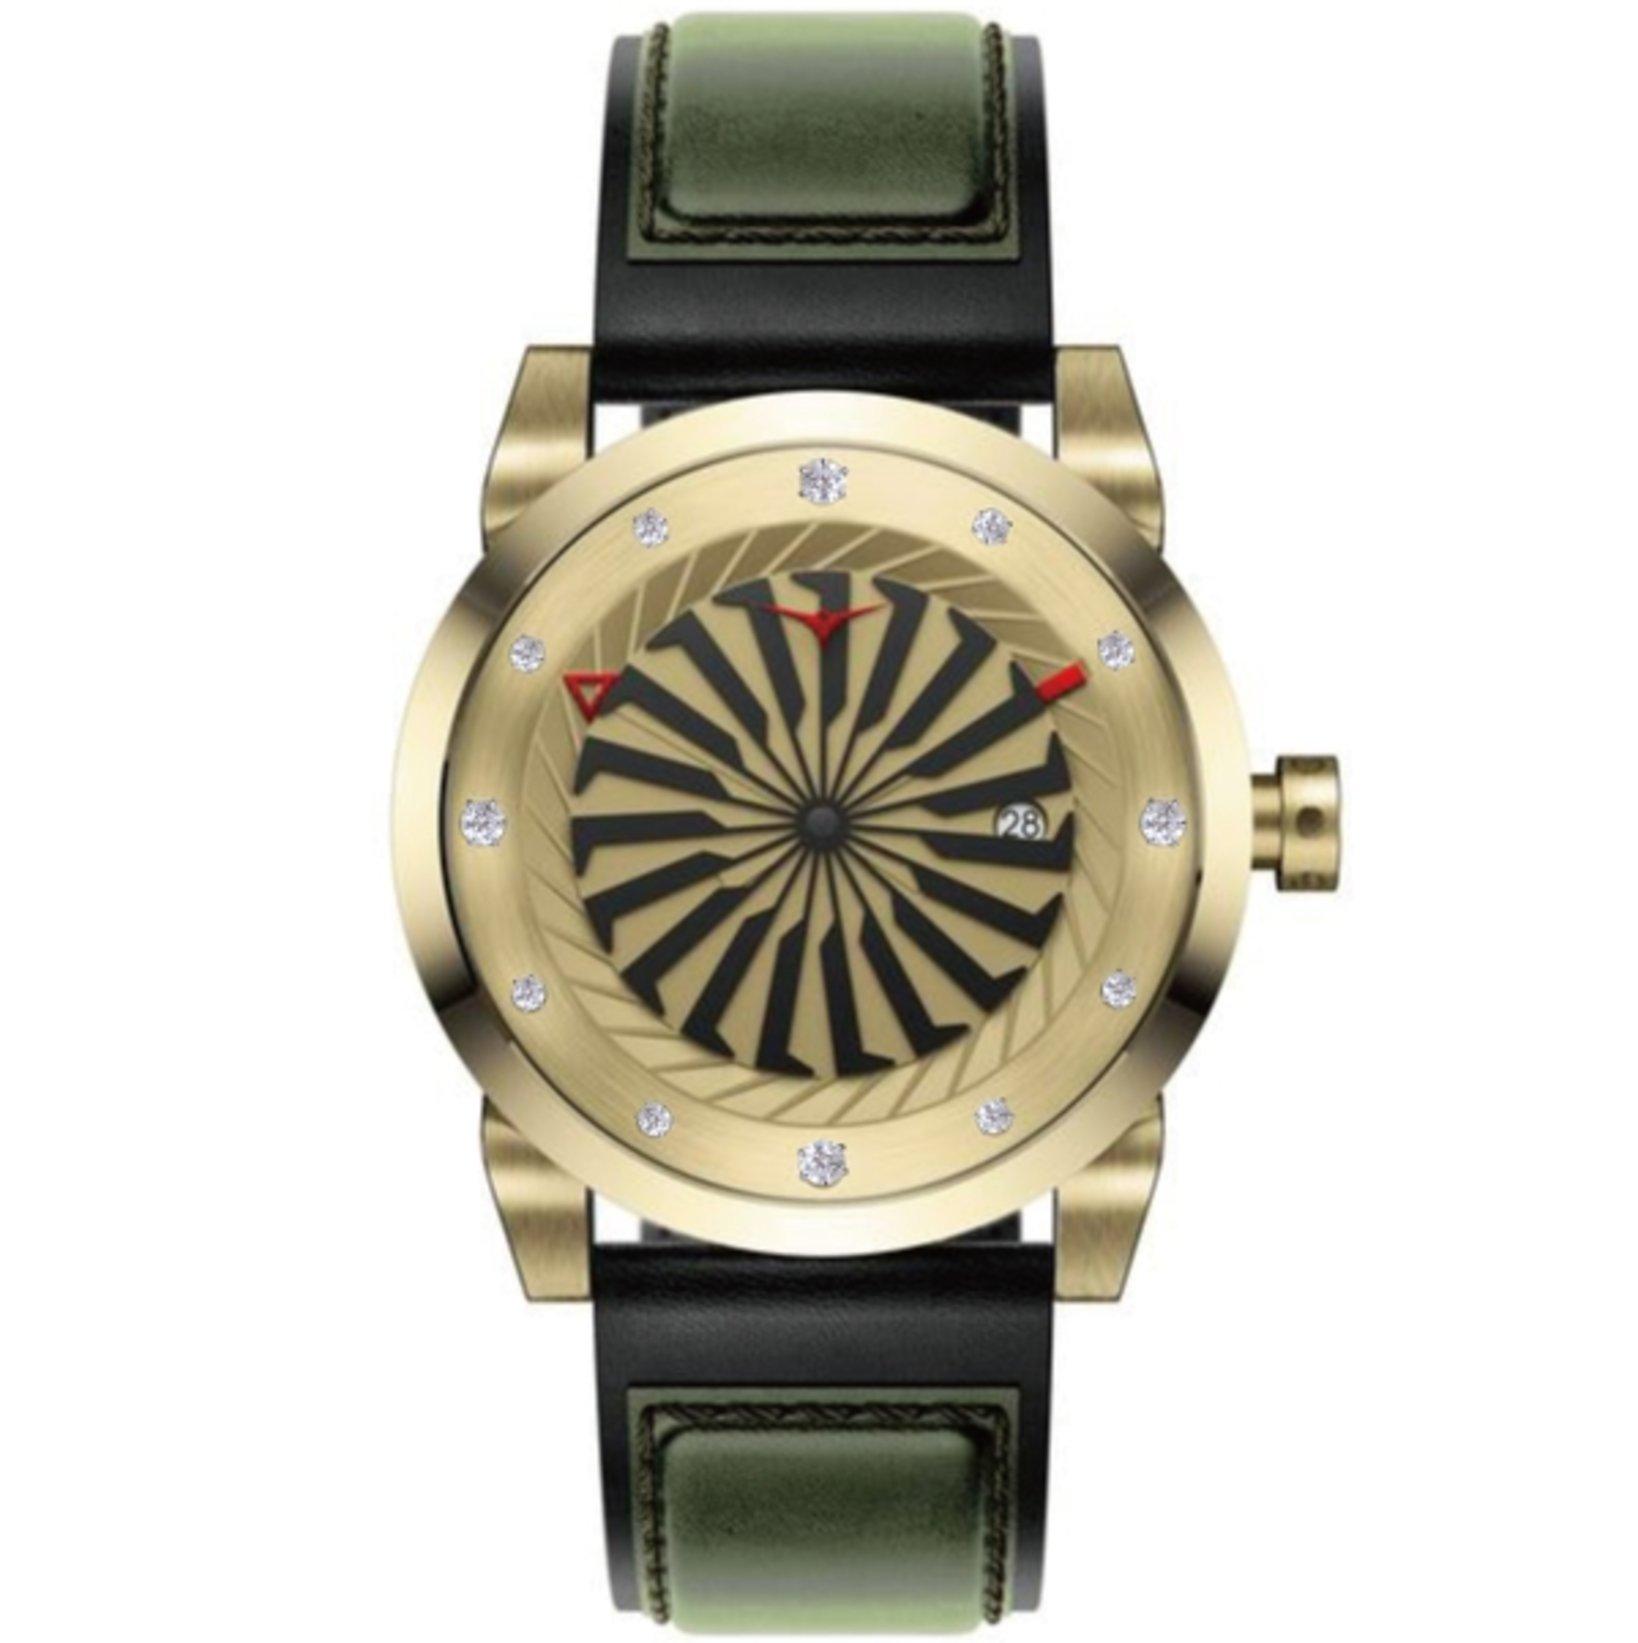 商品名:GOLD.1D 価格:¥220,000+税 ケース径:44MM/12MM 自動巻き、5気圧防水、牛革ストラップ、ホワイトダイヤモンド(0.262ct)